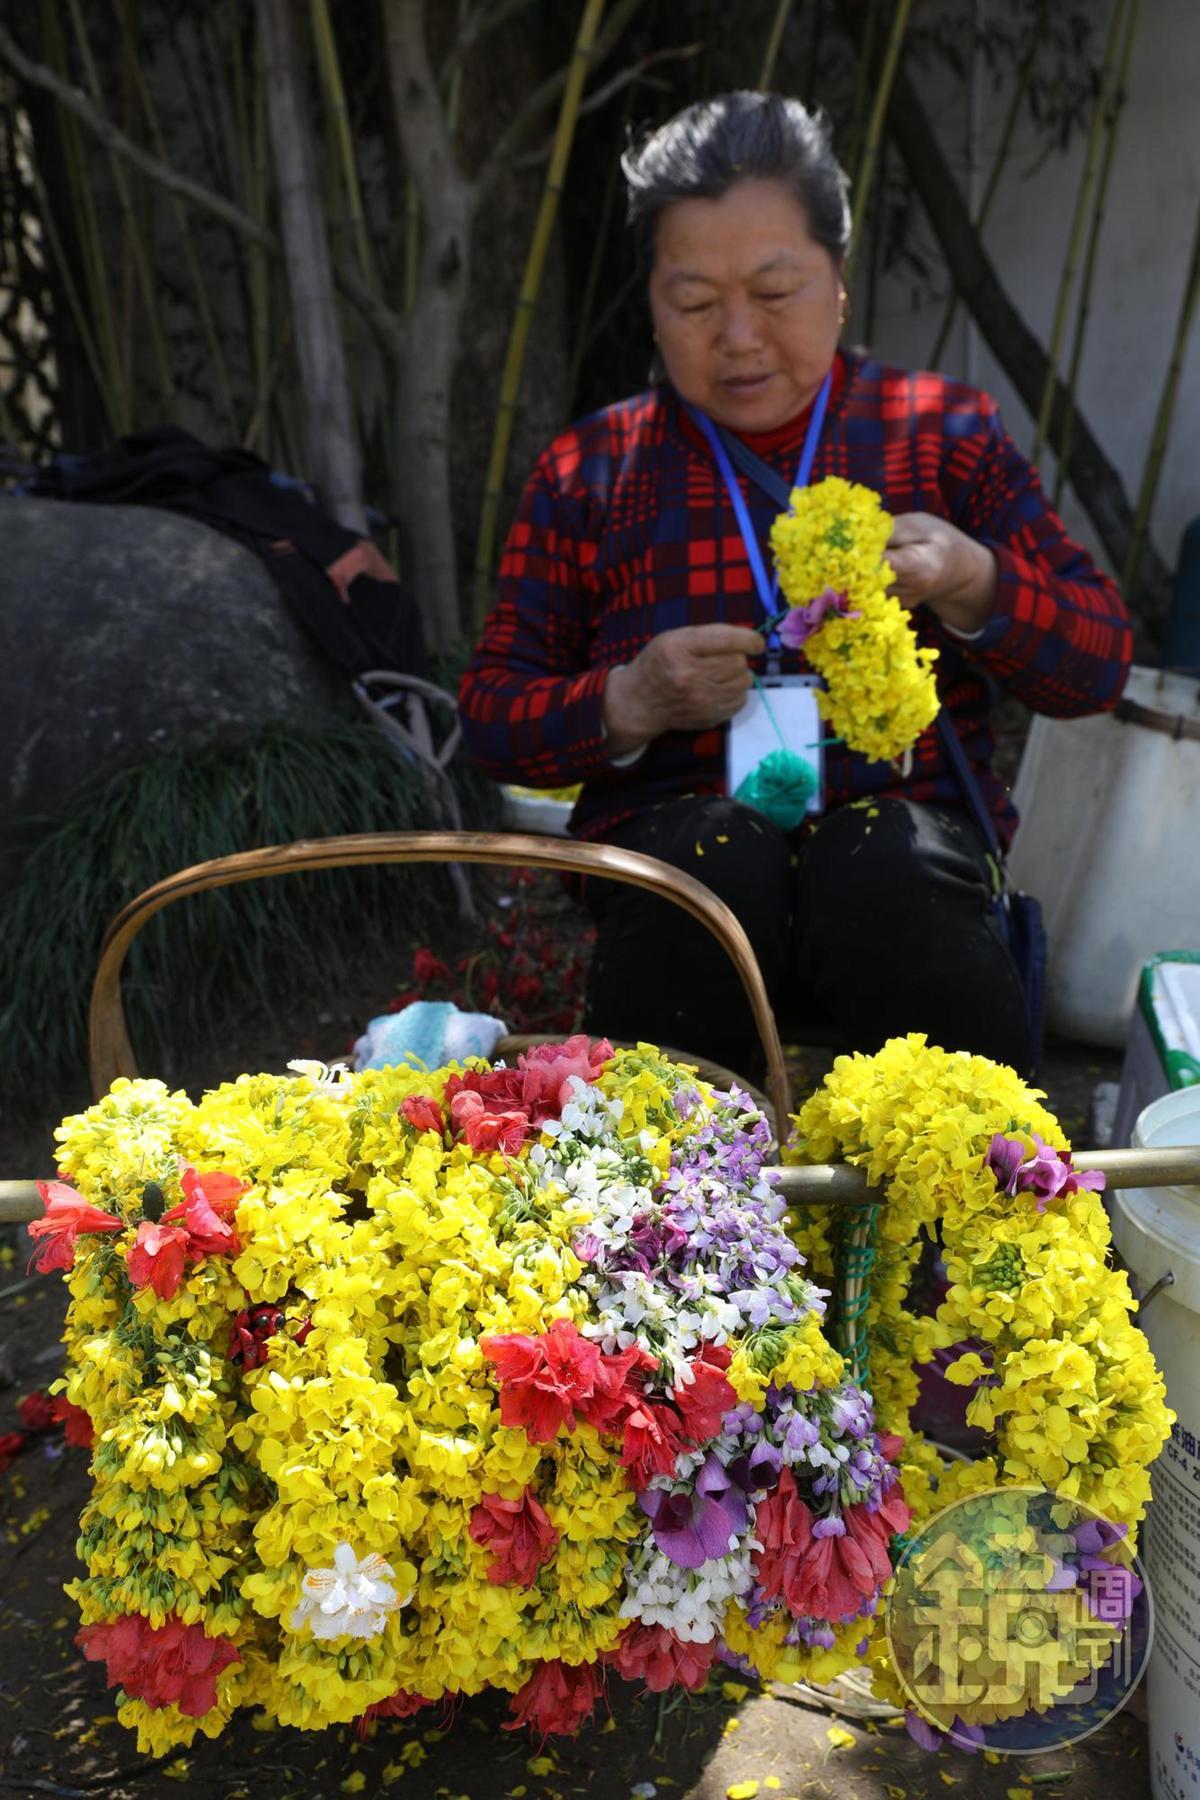 篁嶺景區外,許多婦人用油菜花綁成花圈出來兜售。